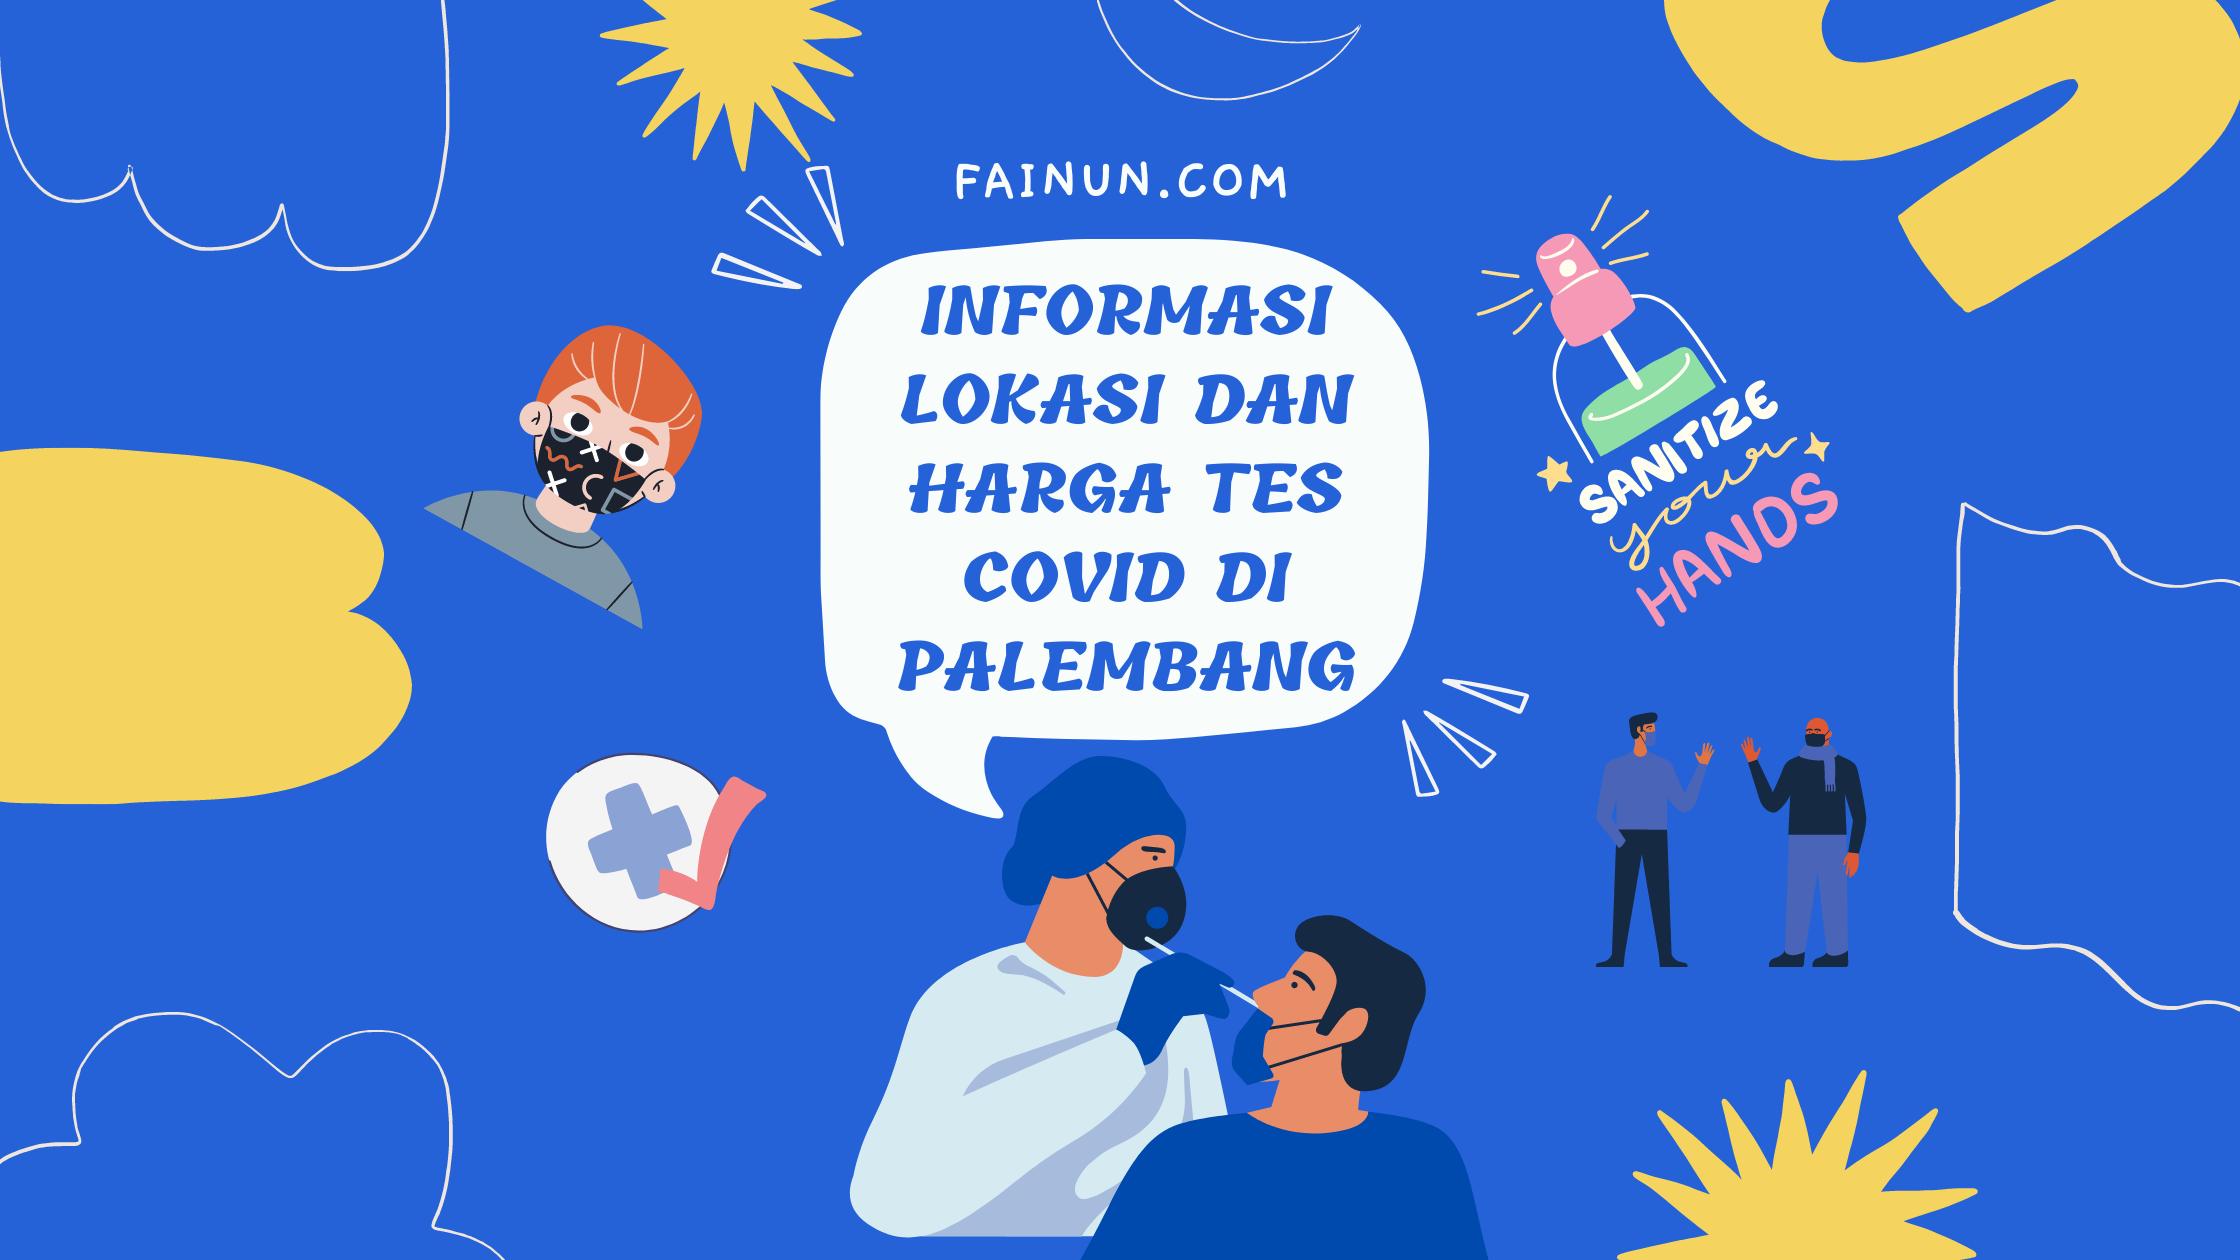 Informasi Lokasi dan Harga Tes Covid di Palembang